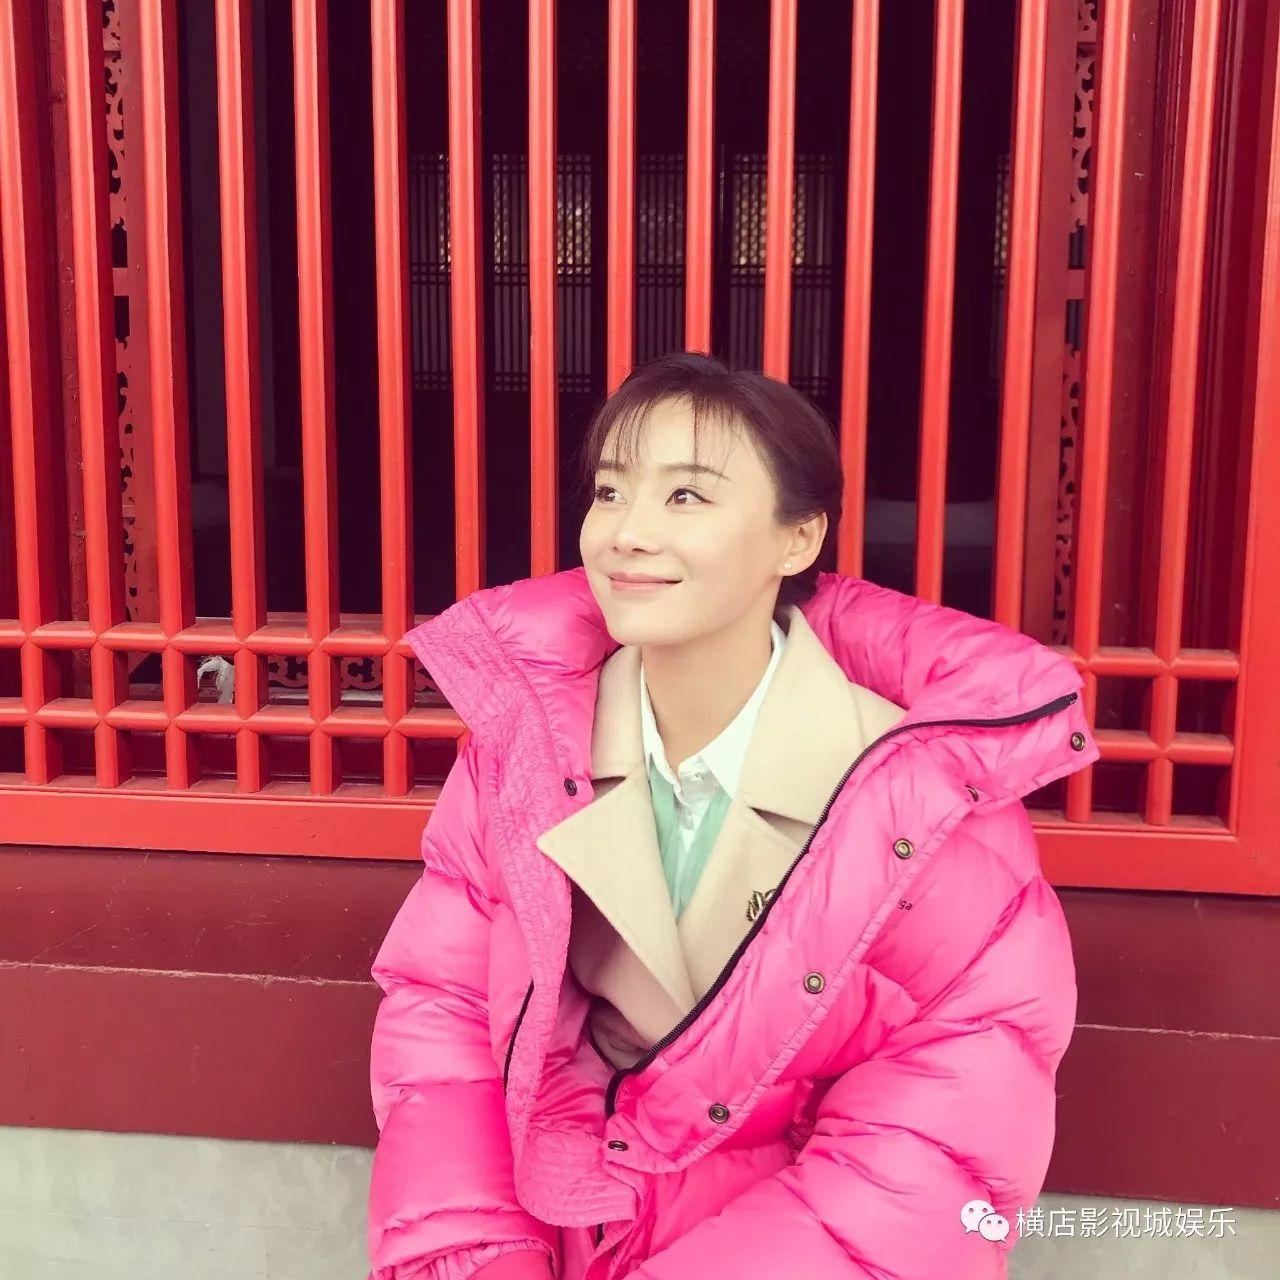 《国宝奇旅》横店开机 刘烨袁姗姗再现文物迁